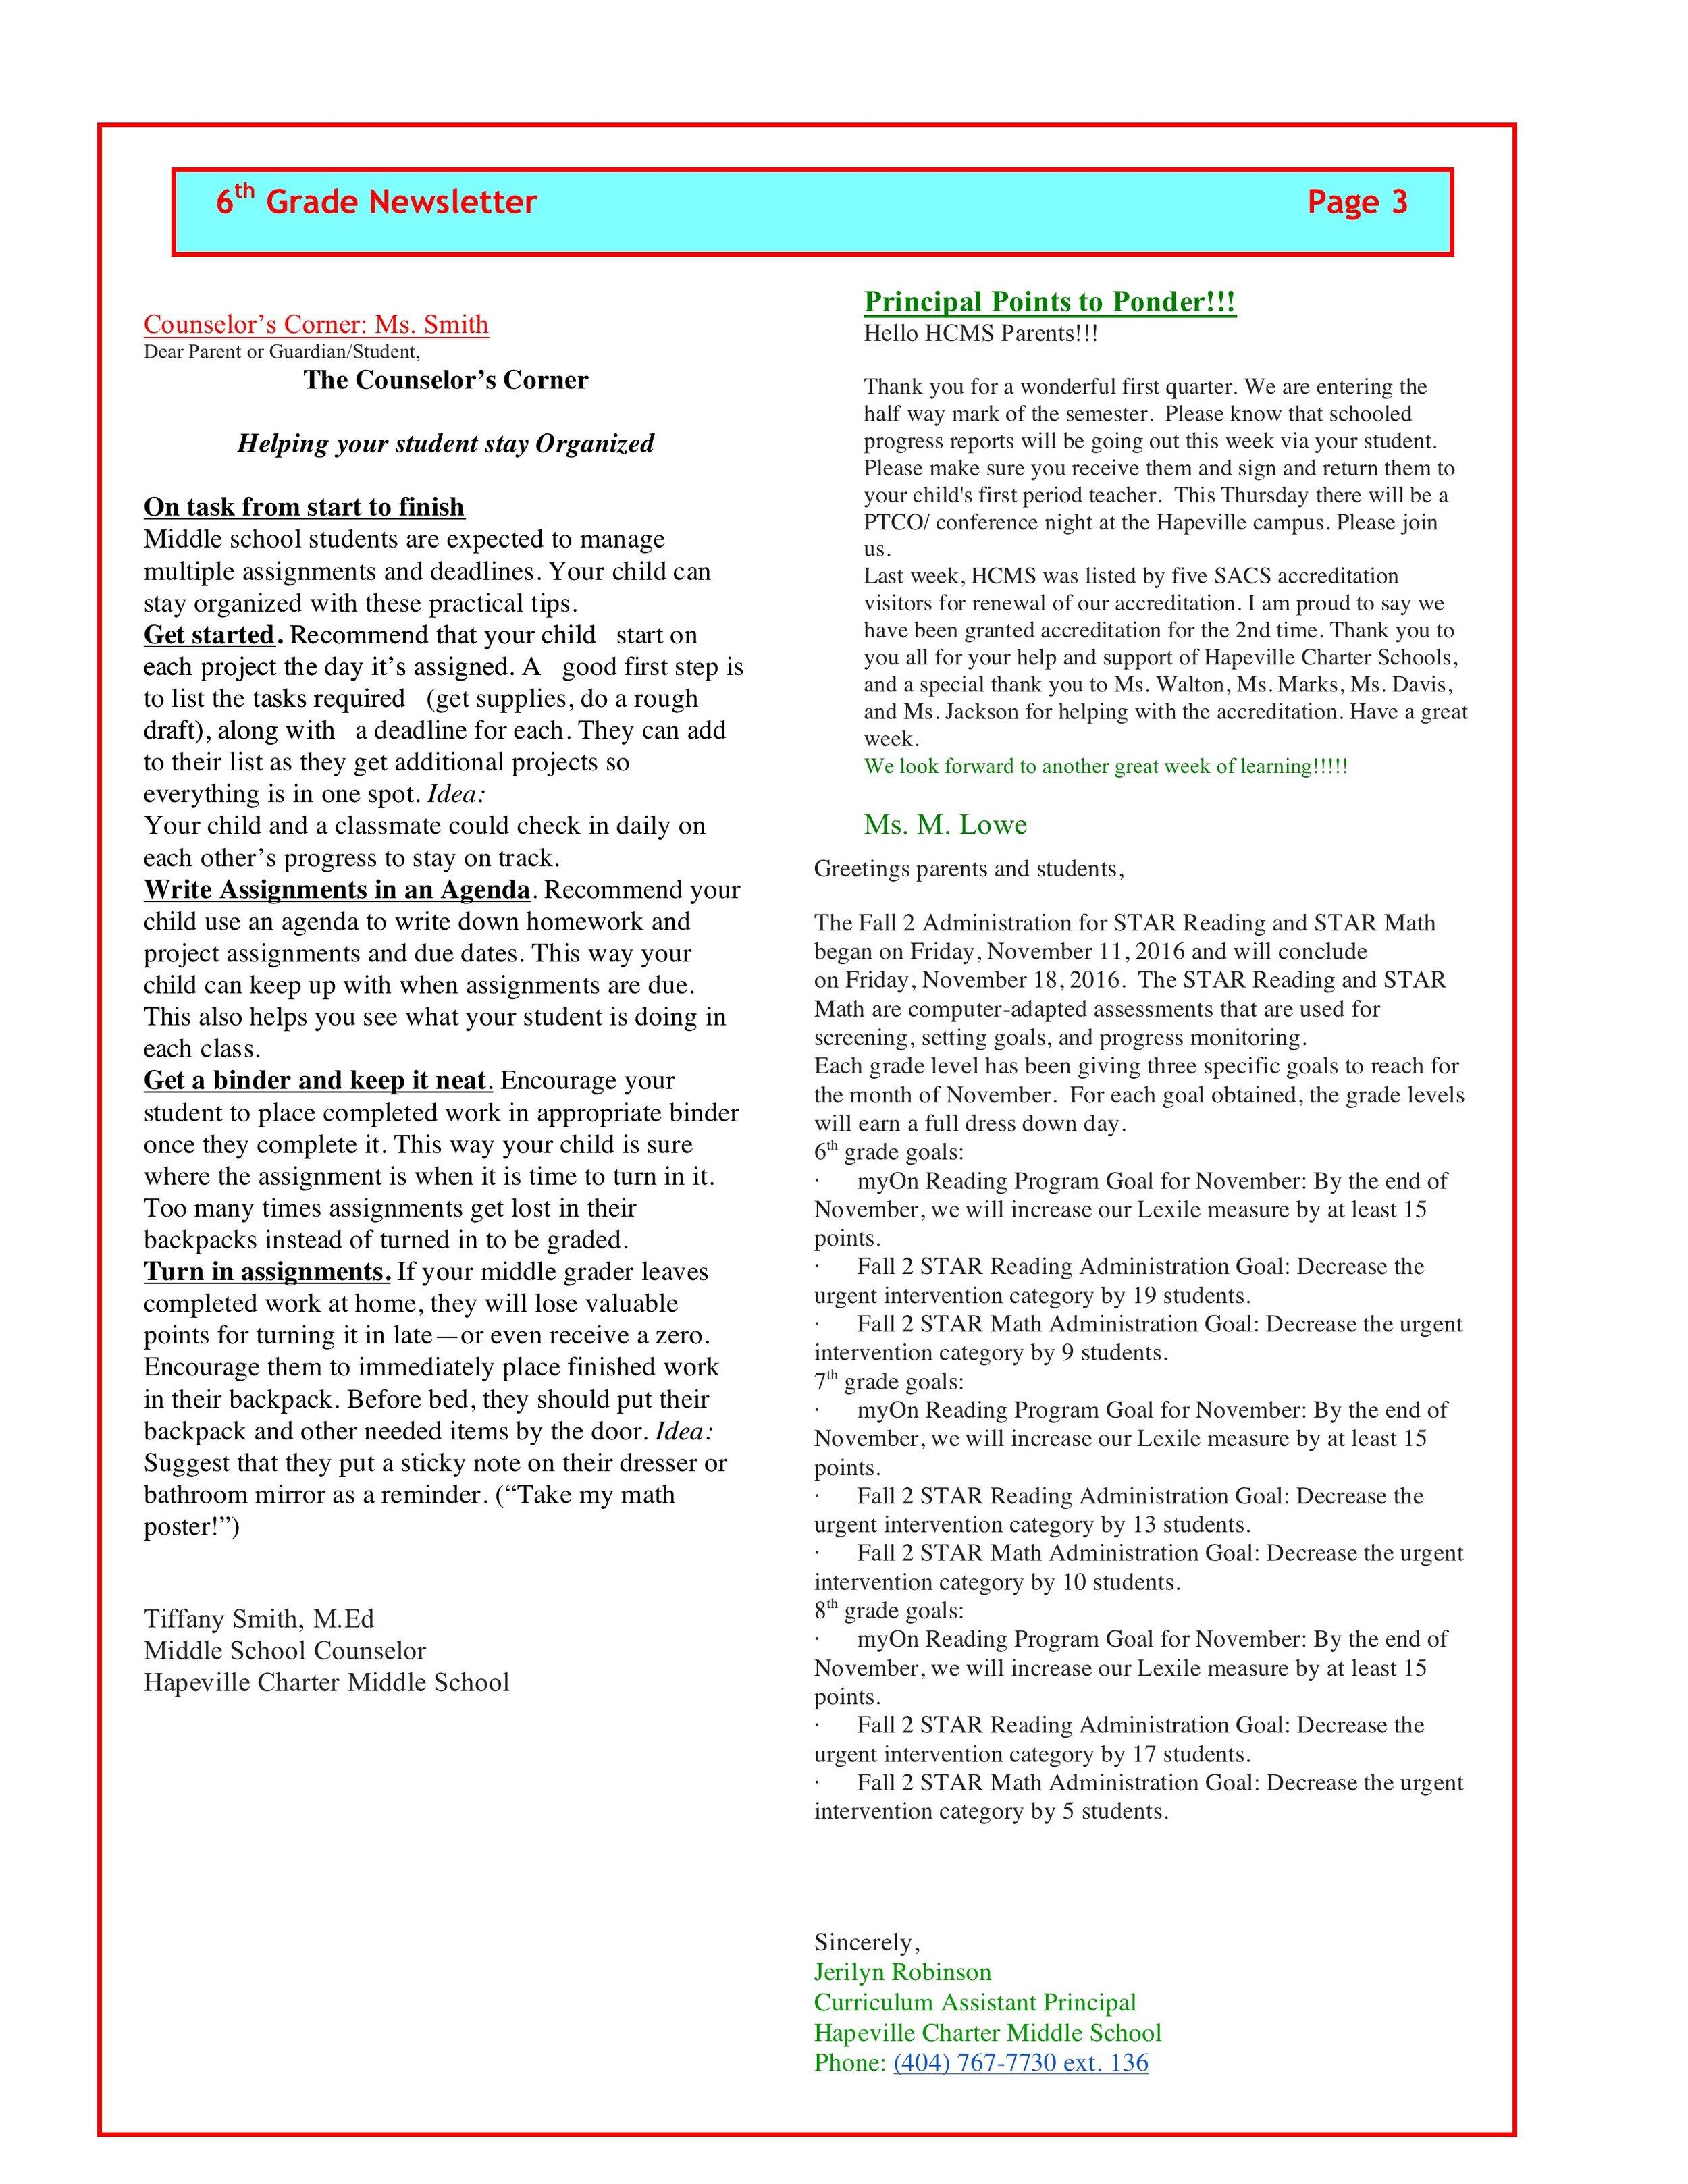 Newsletter Image6th Grade Newsletter 11-14-2016 3.jpeg